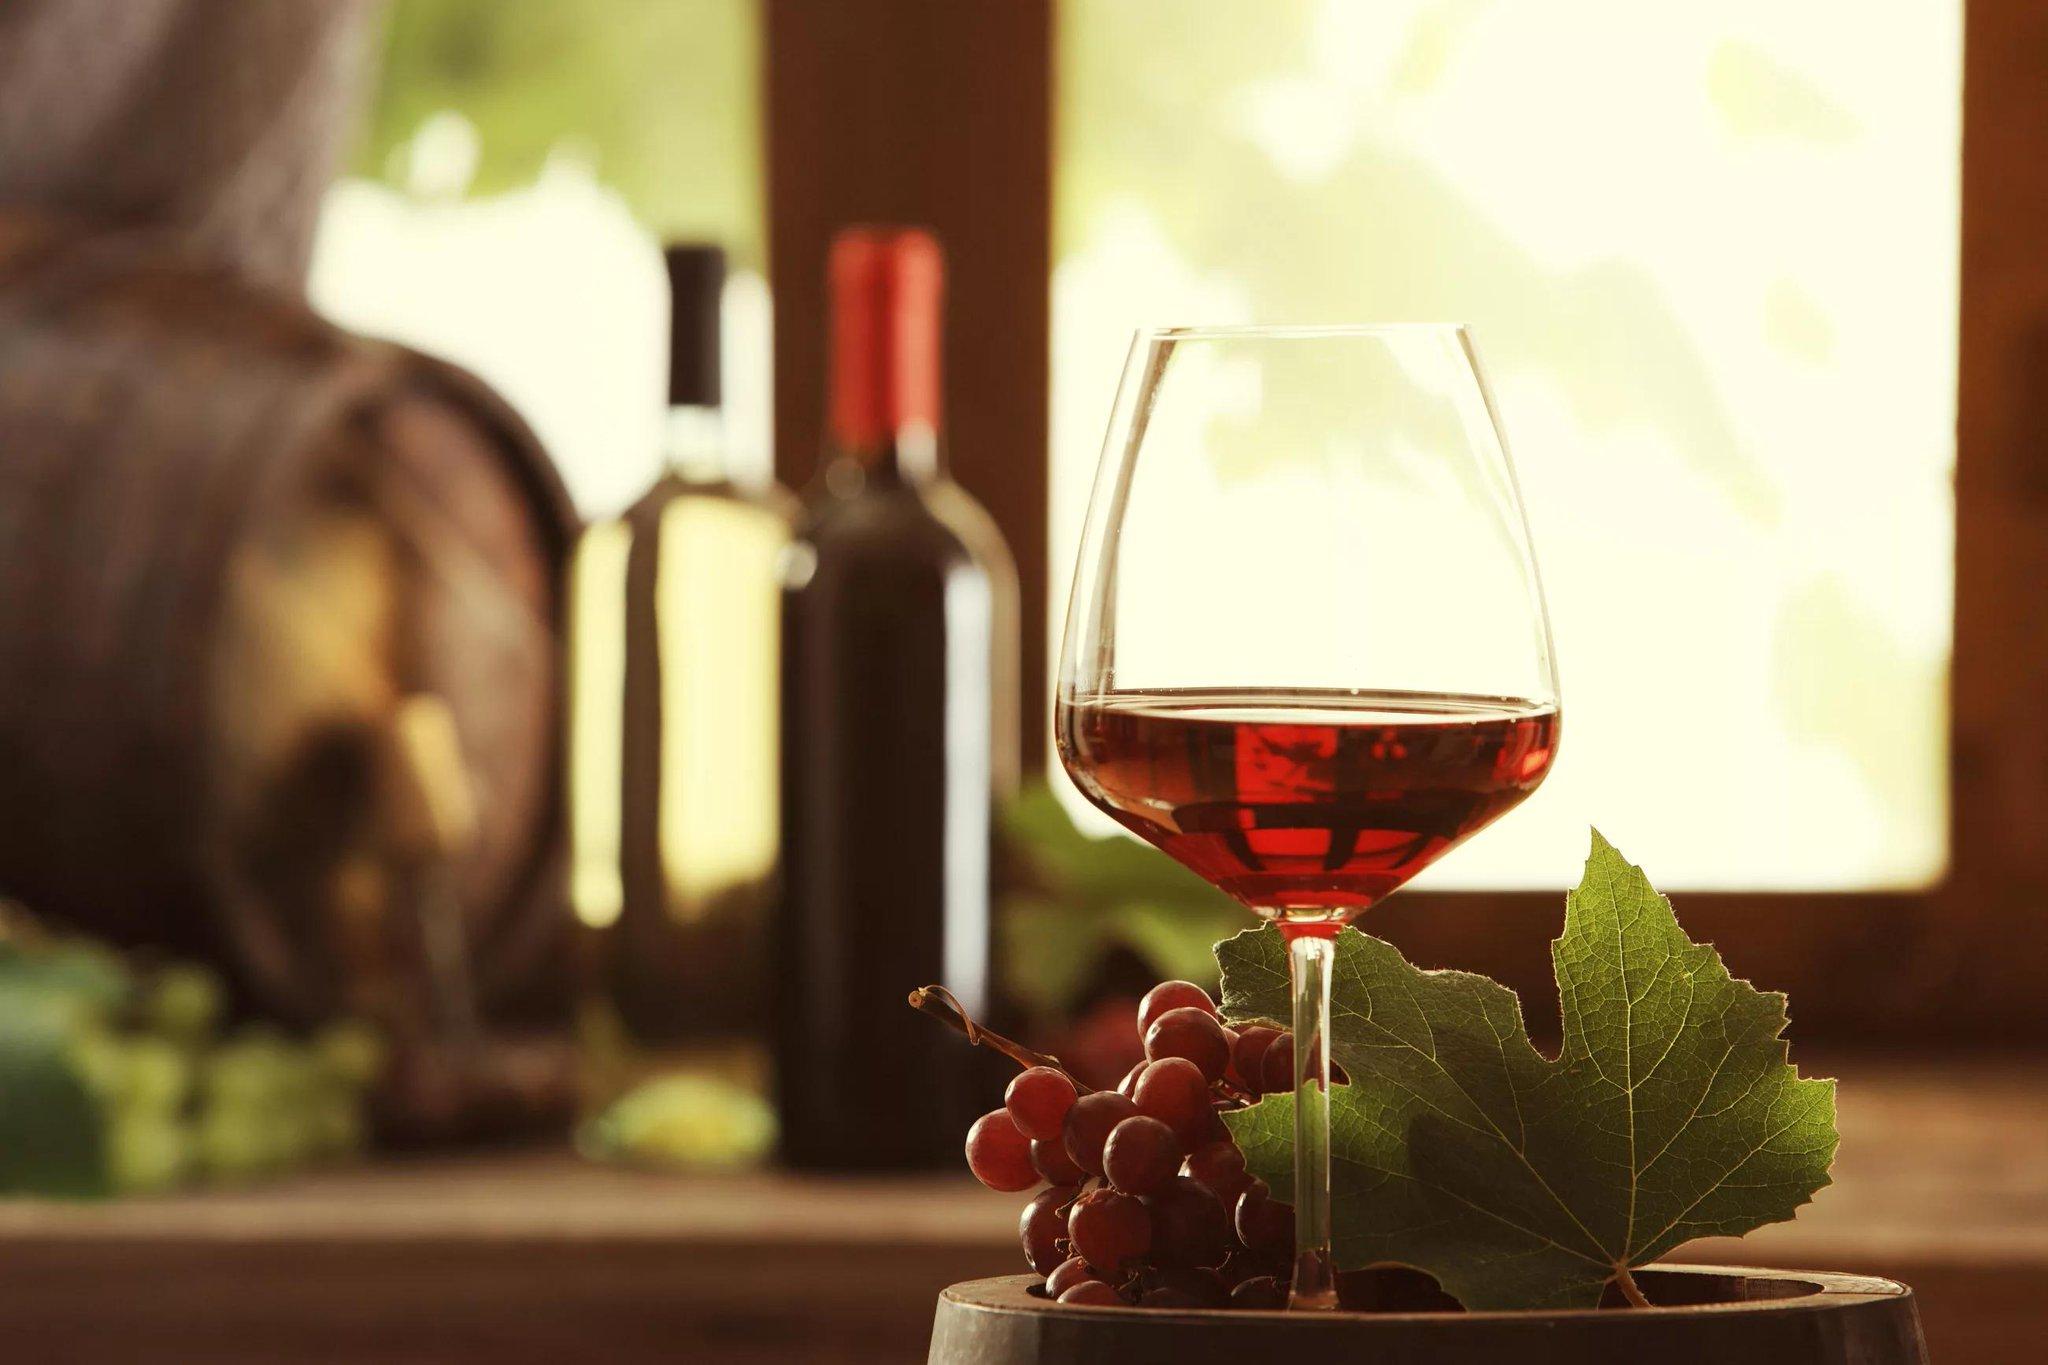 Любимому, красивые картинки с вином и бокалами